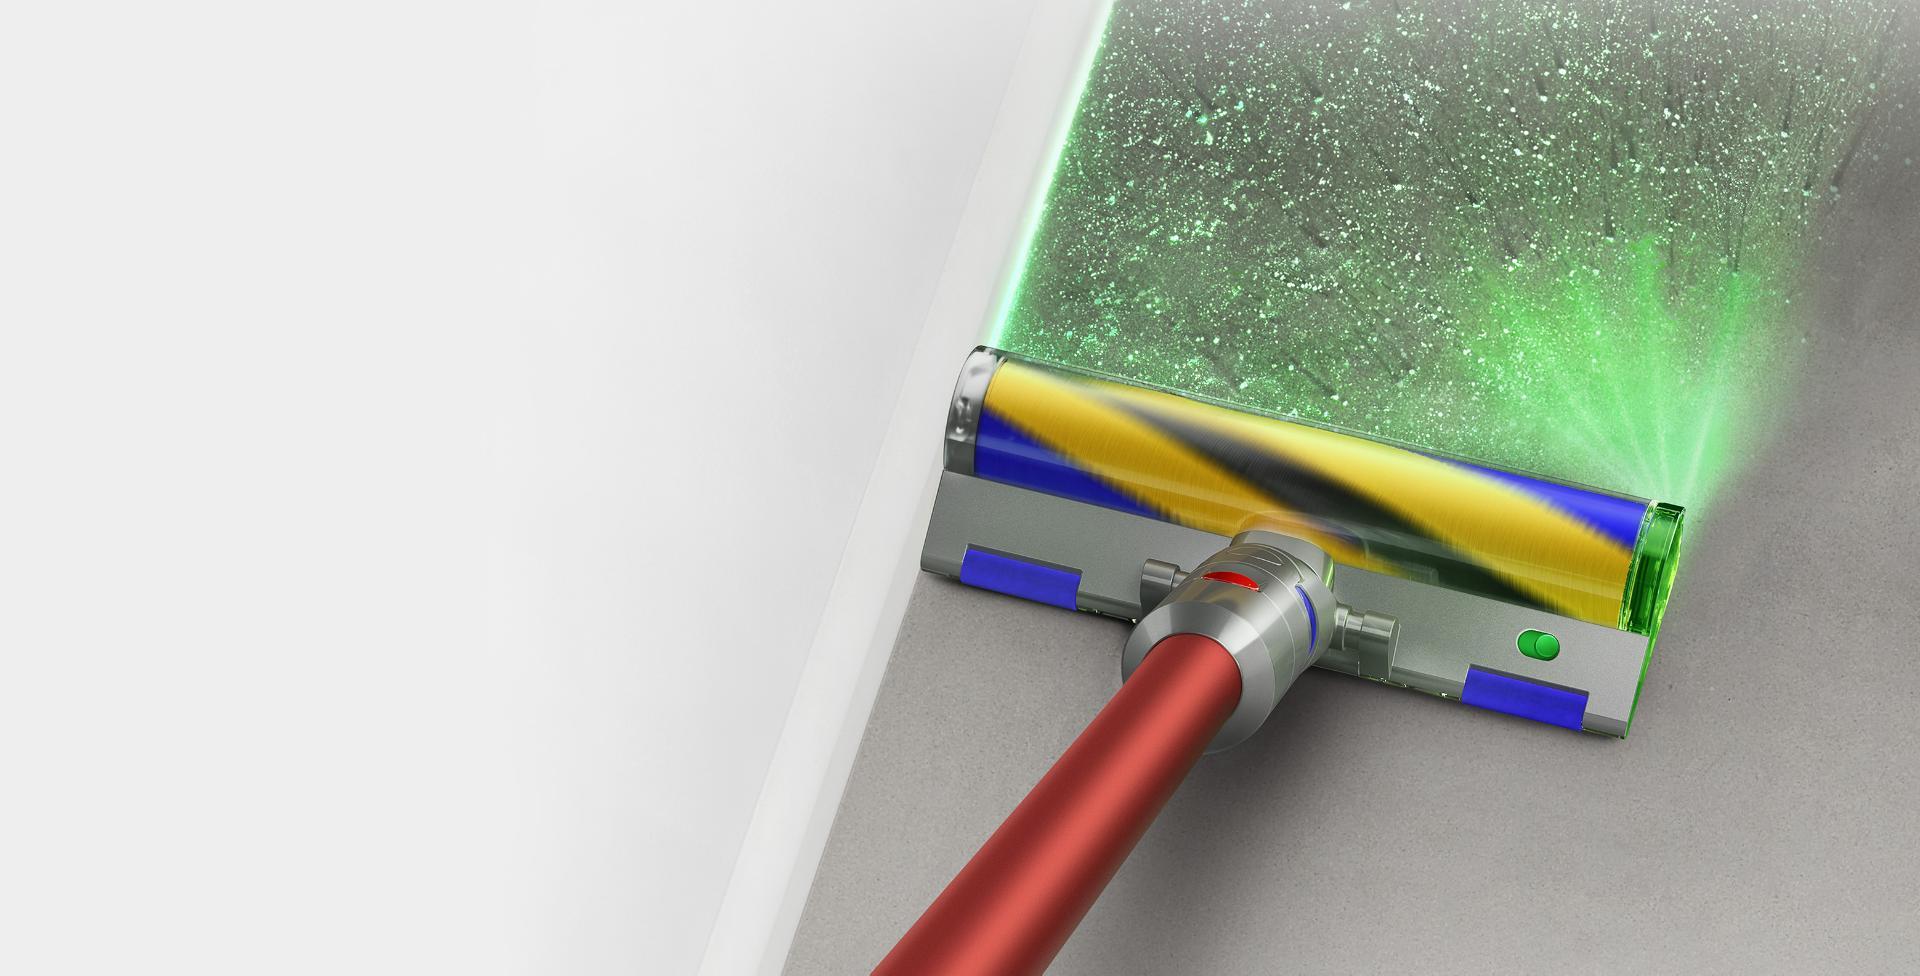 마룻바닥 위의 레이저 클리너 헤드를 갖춘 다이슨 아웃사이즈 무선 청소기